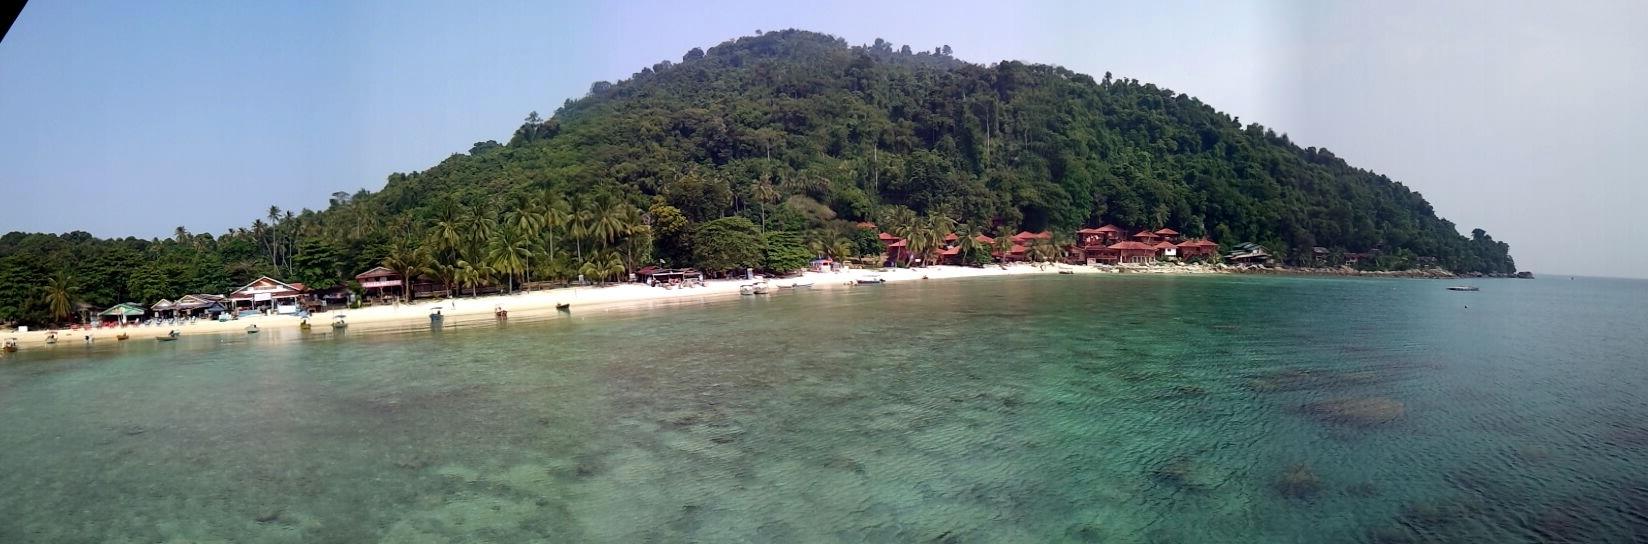 Wyspa Perhentian, rajskie plaże Indonezji Wakacje Personalne